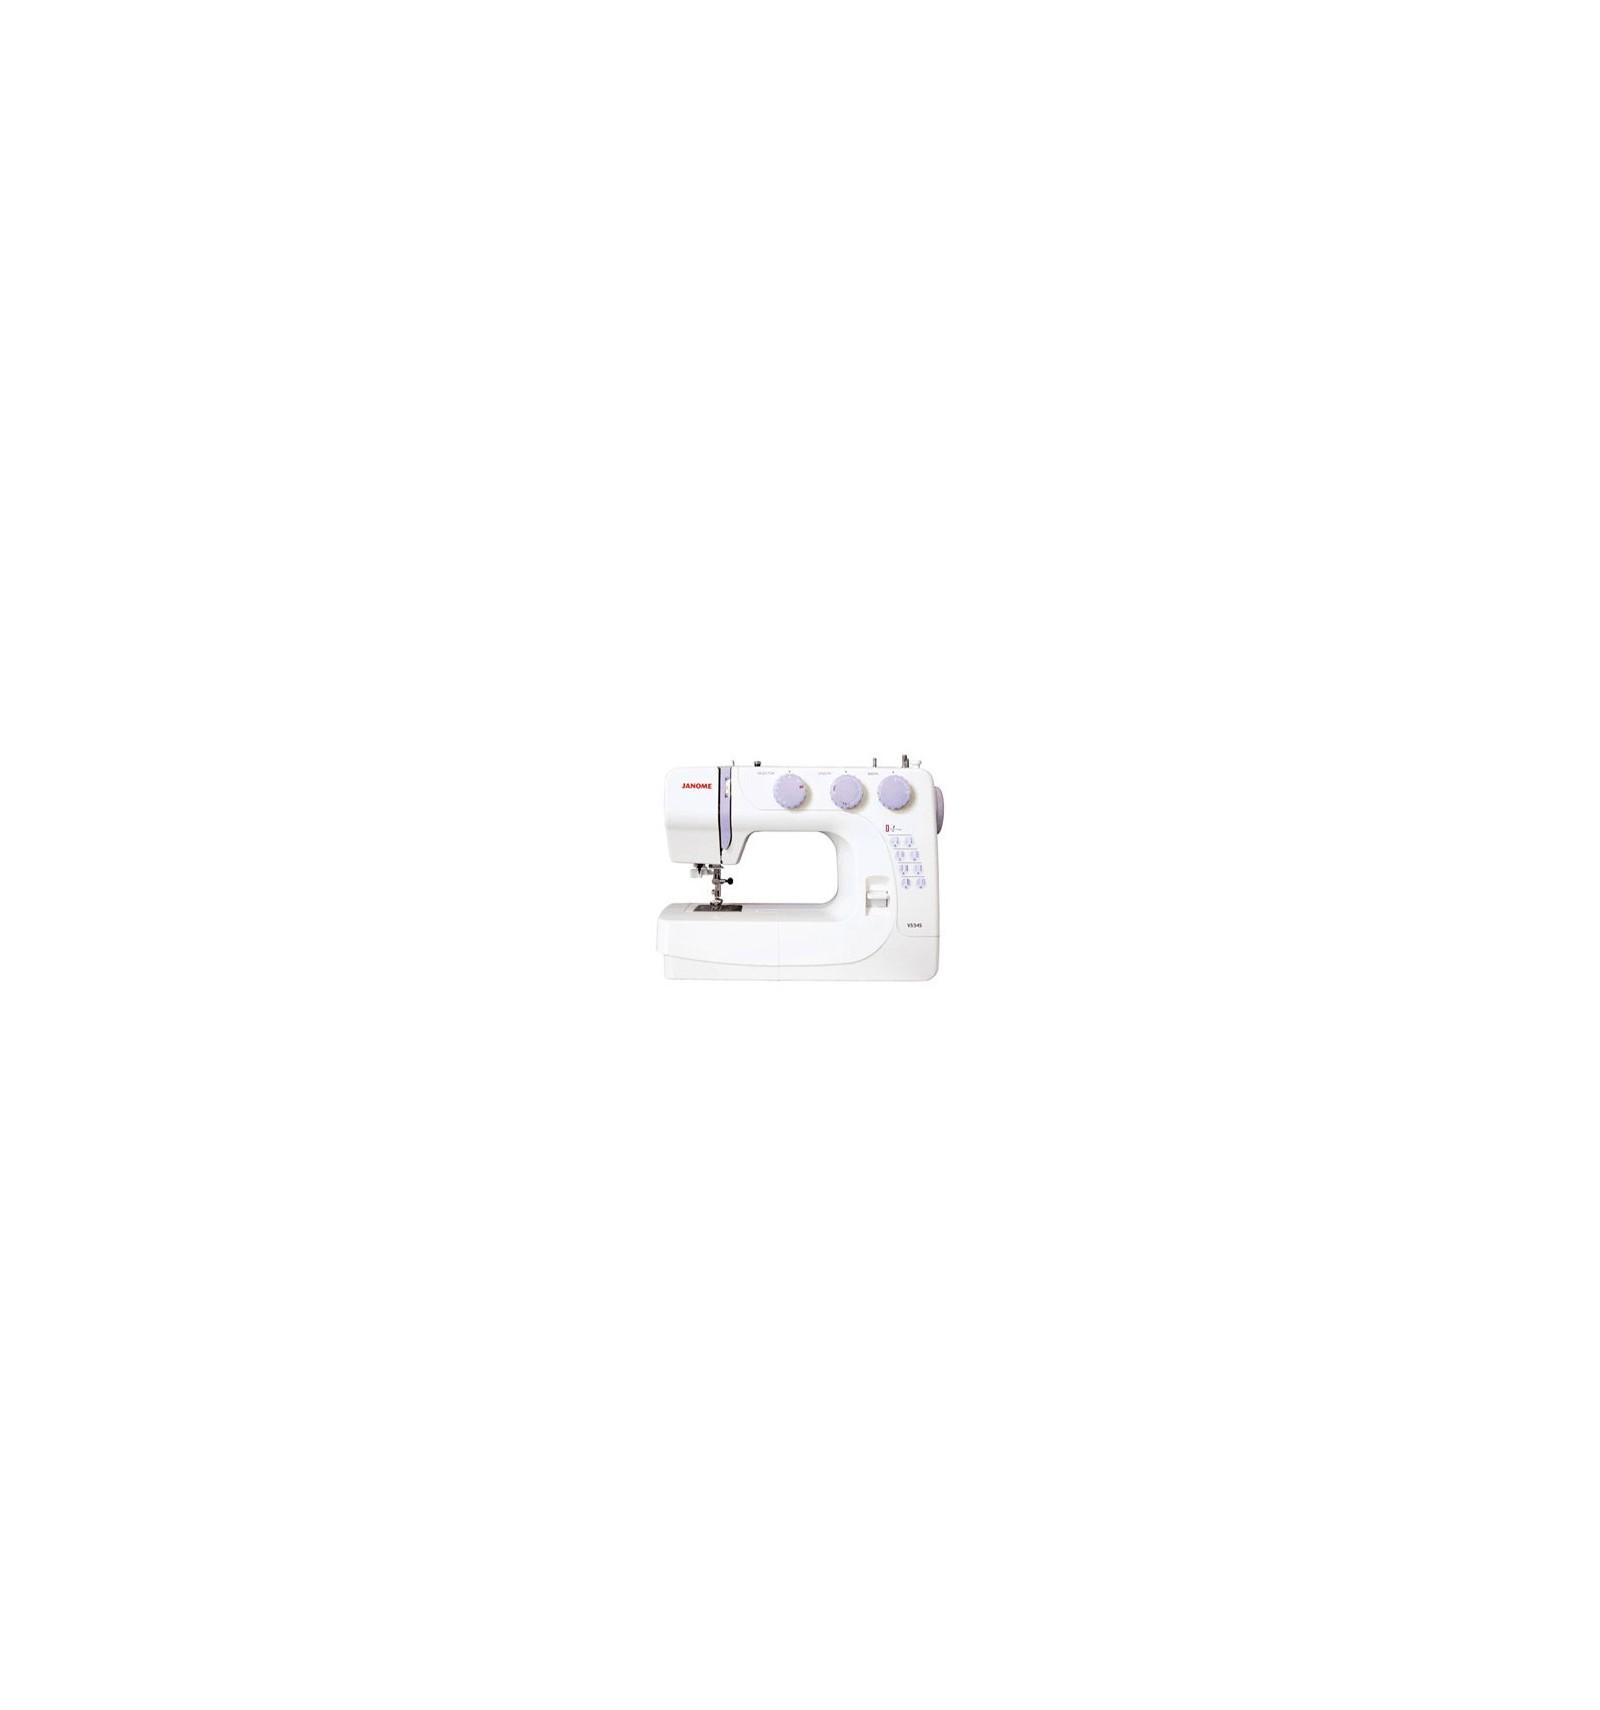 Петля для пуговицы на швейной машине Janome - Самошвейка 59